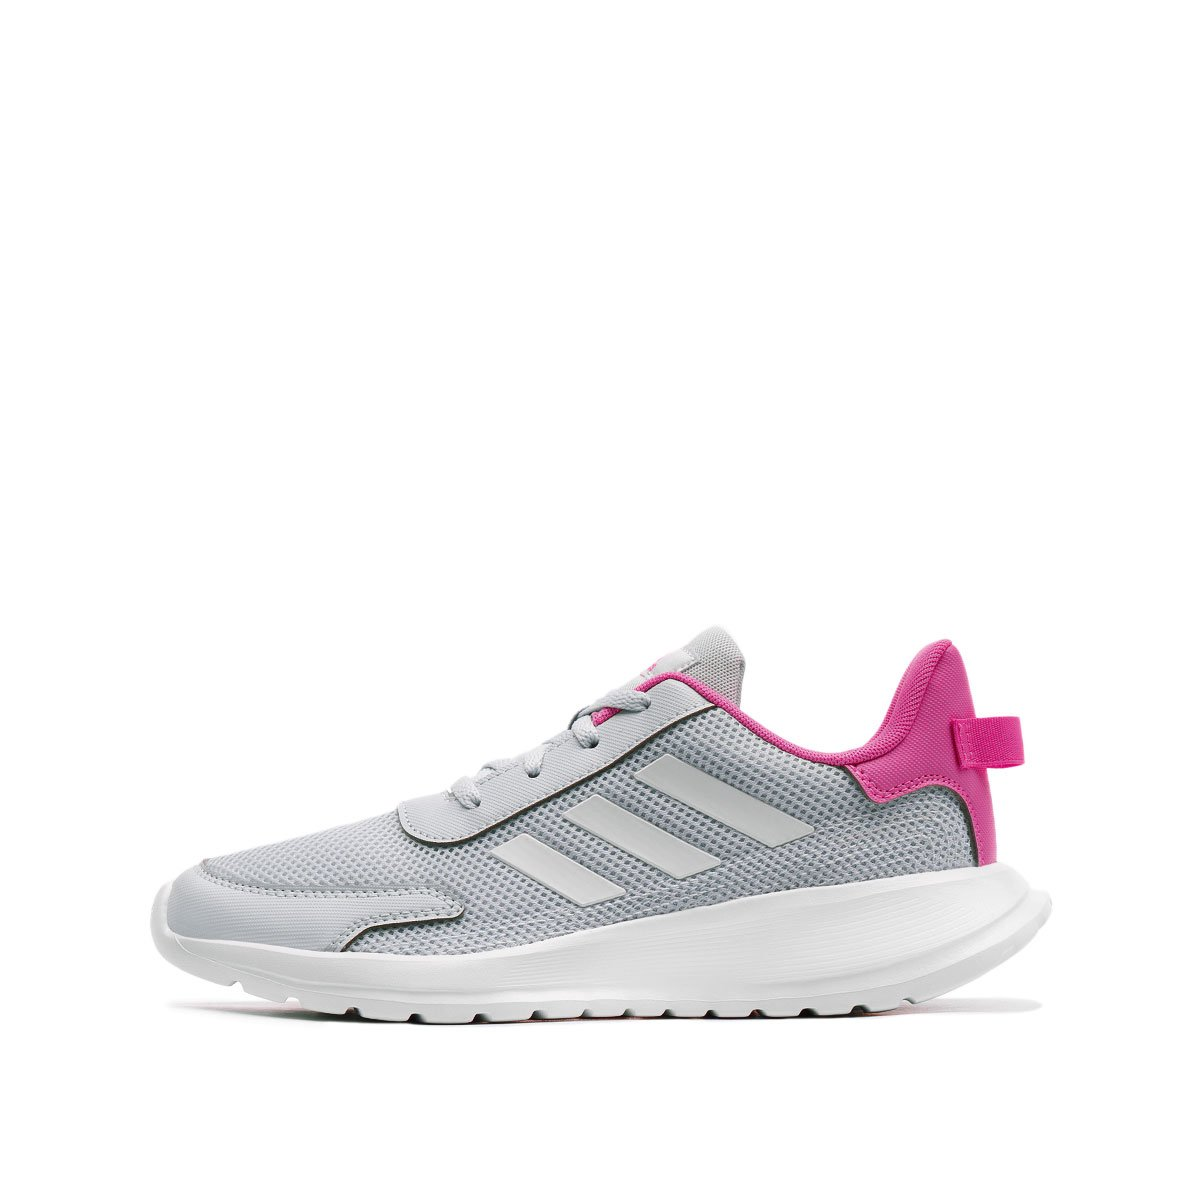 Adidas Tensaur Run